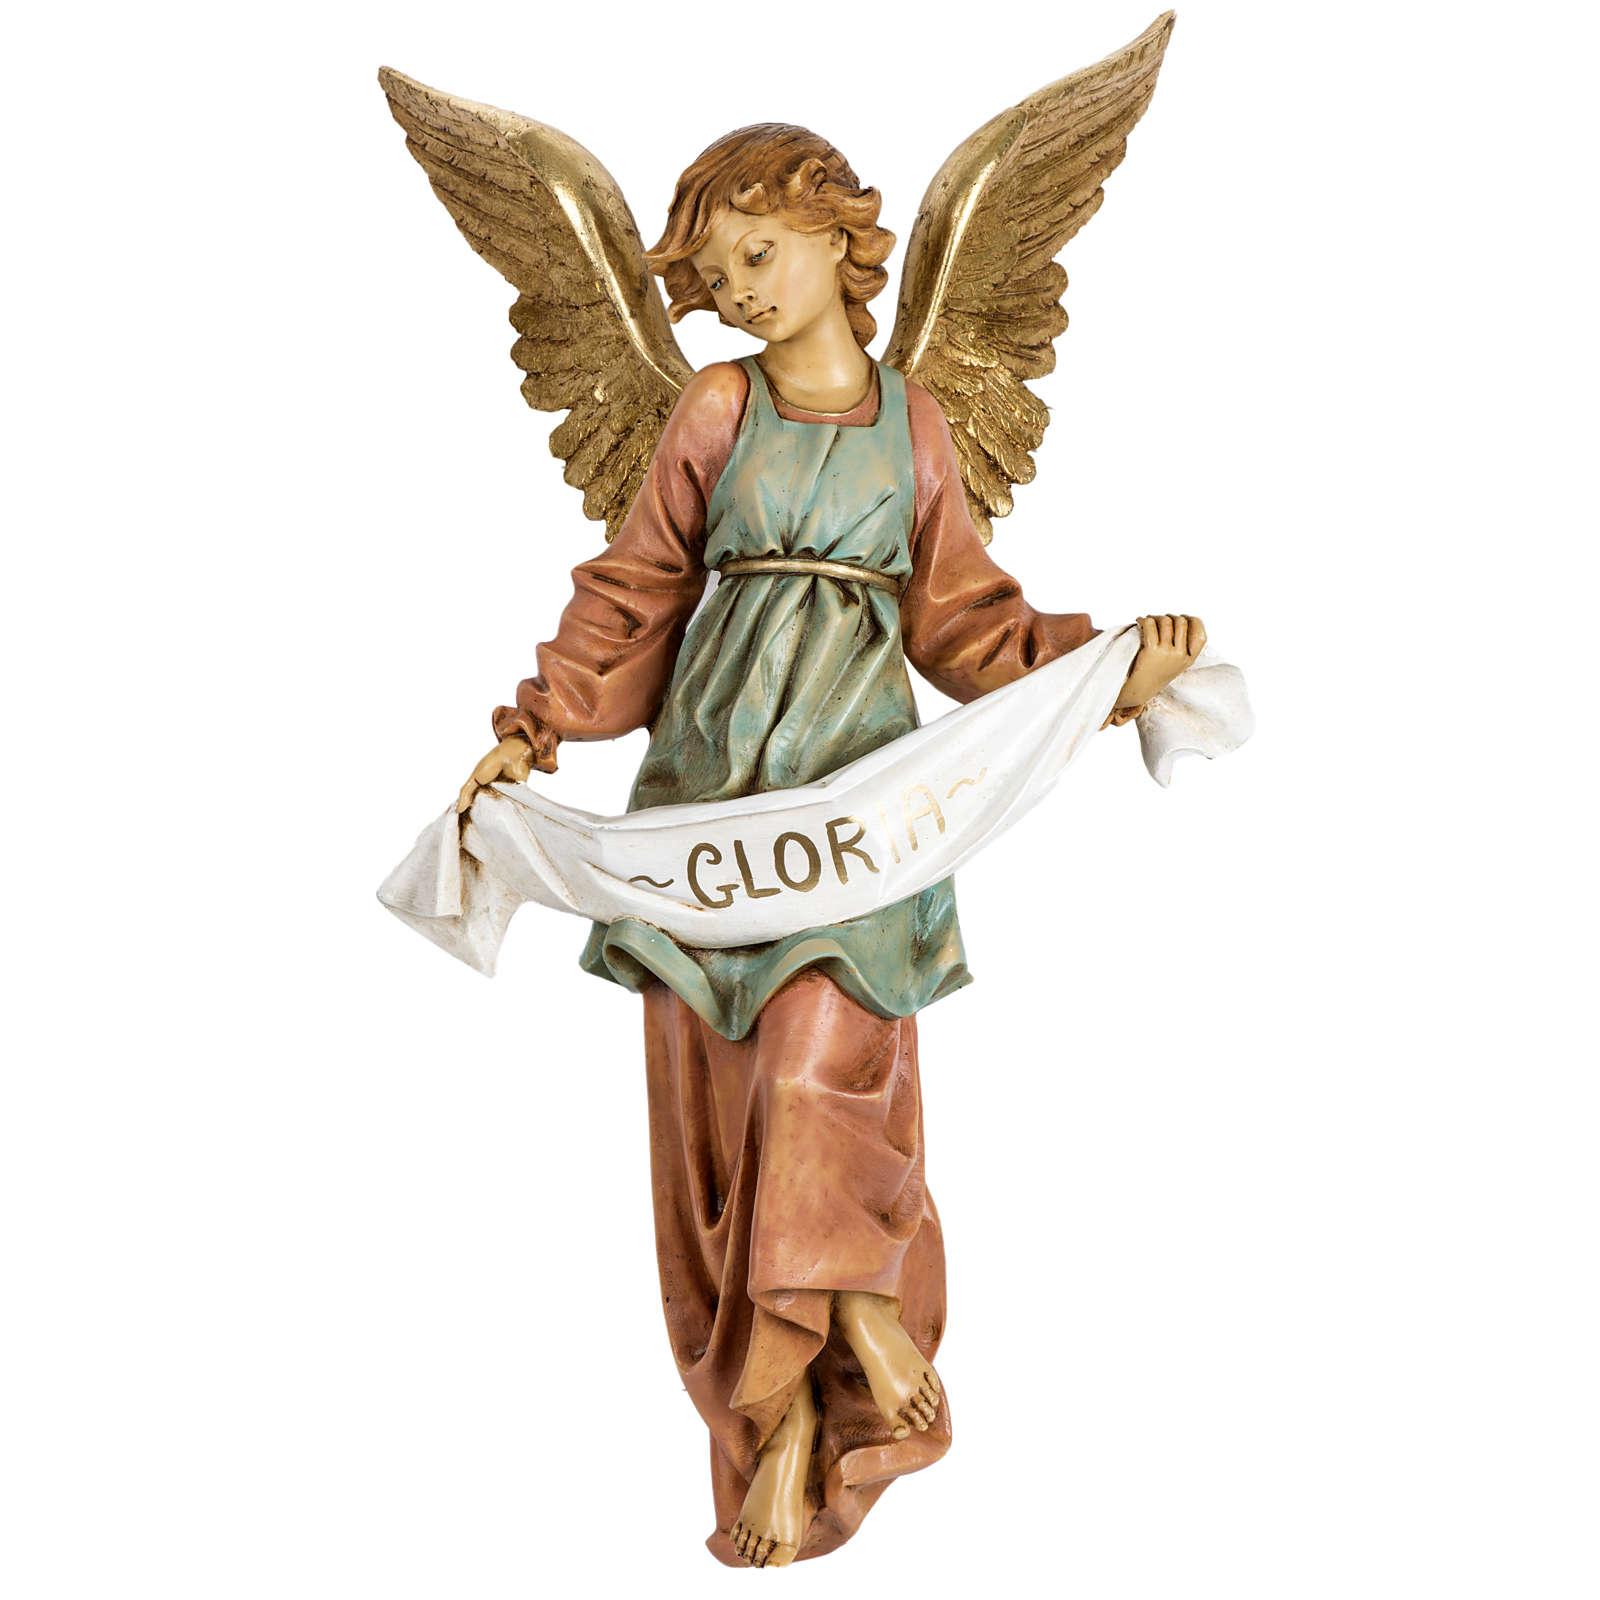 Anioł Gloria 65 cm Fontanini żywica 4